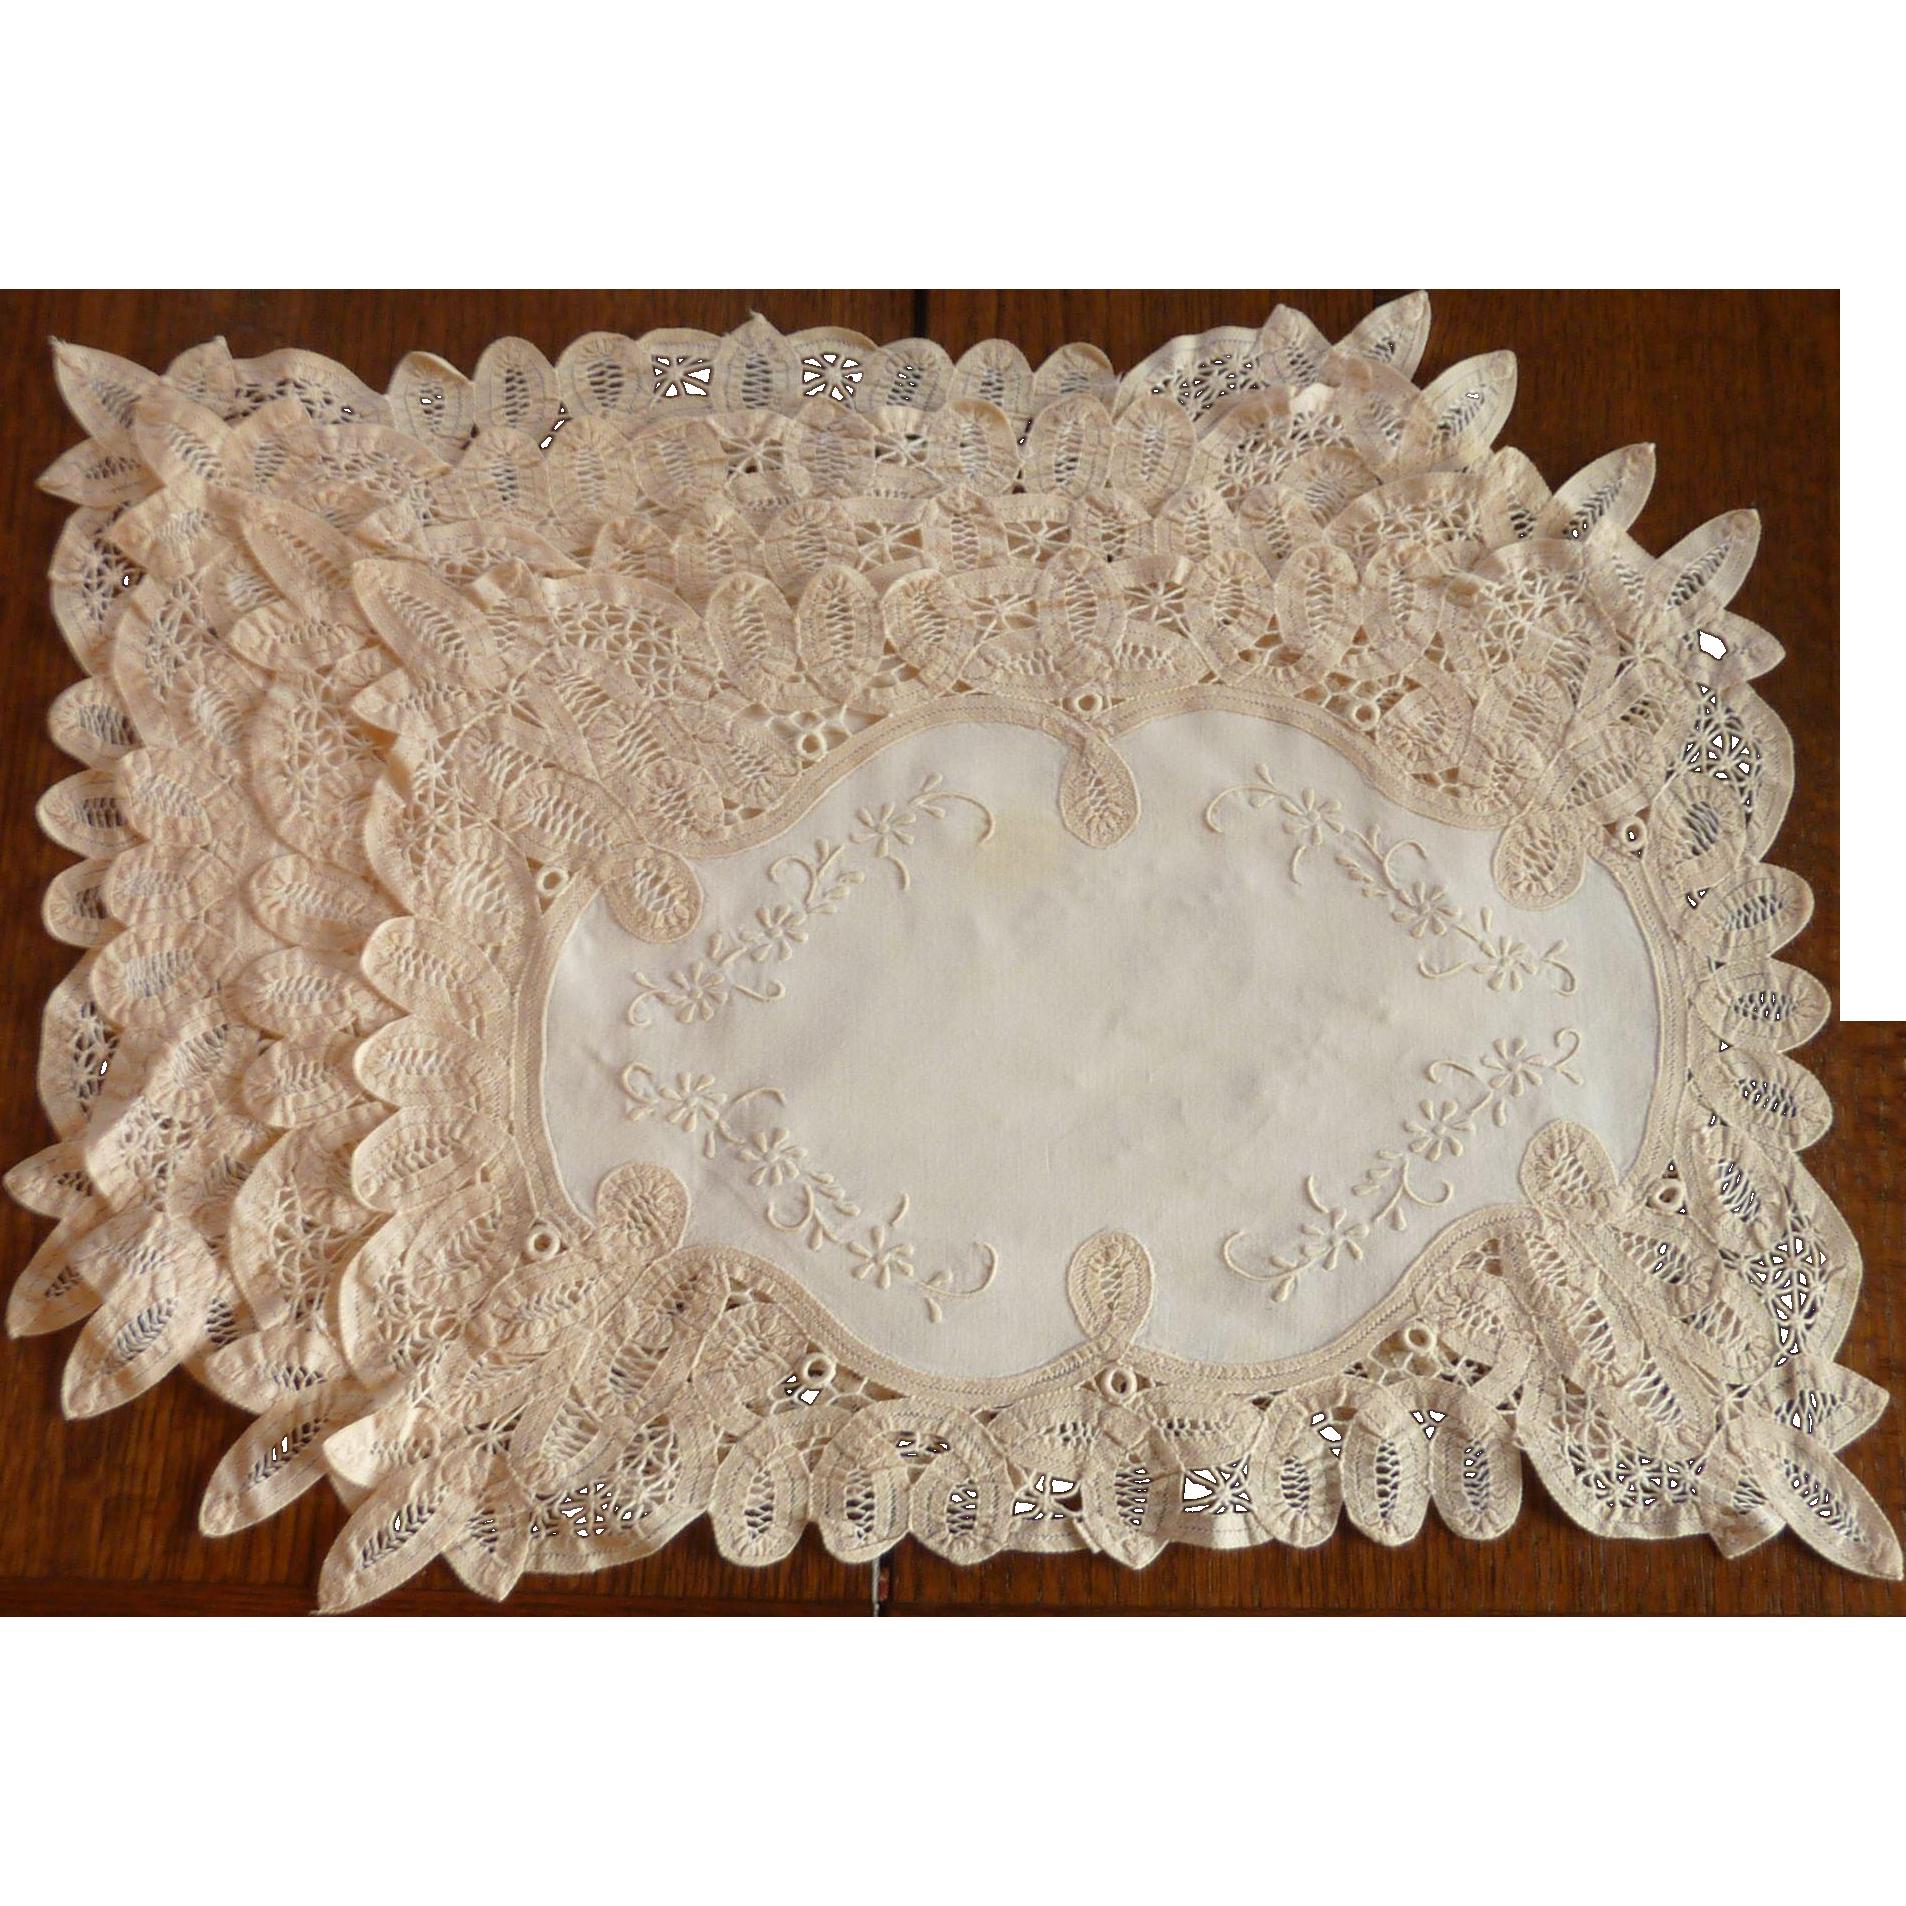 Four Cloth Lace Battenberg Victorian Placemats